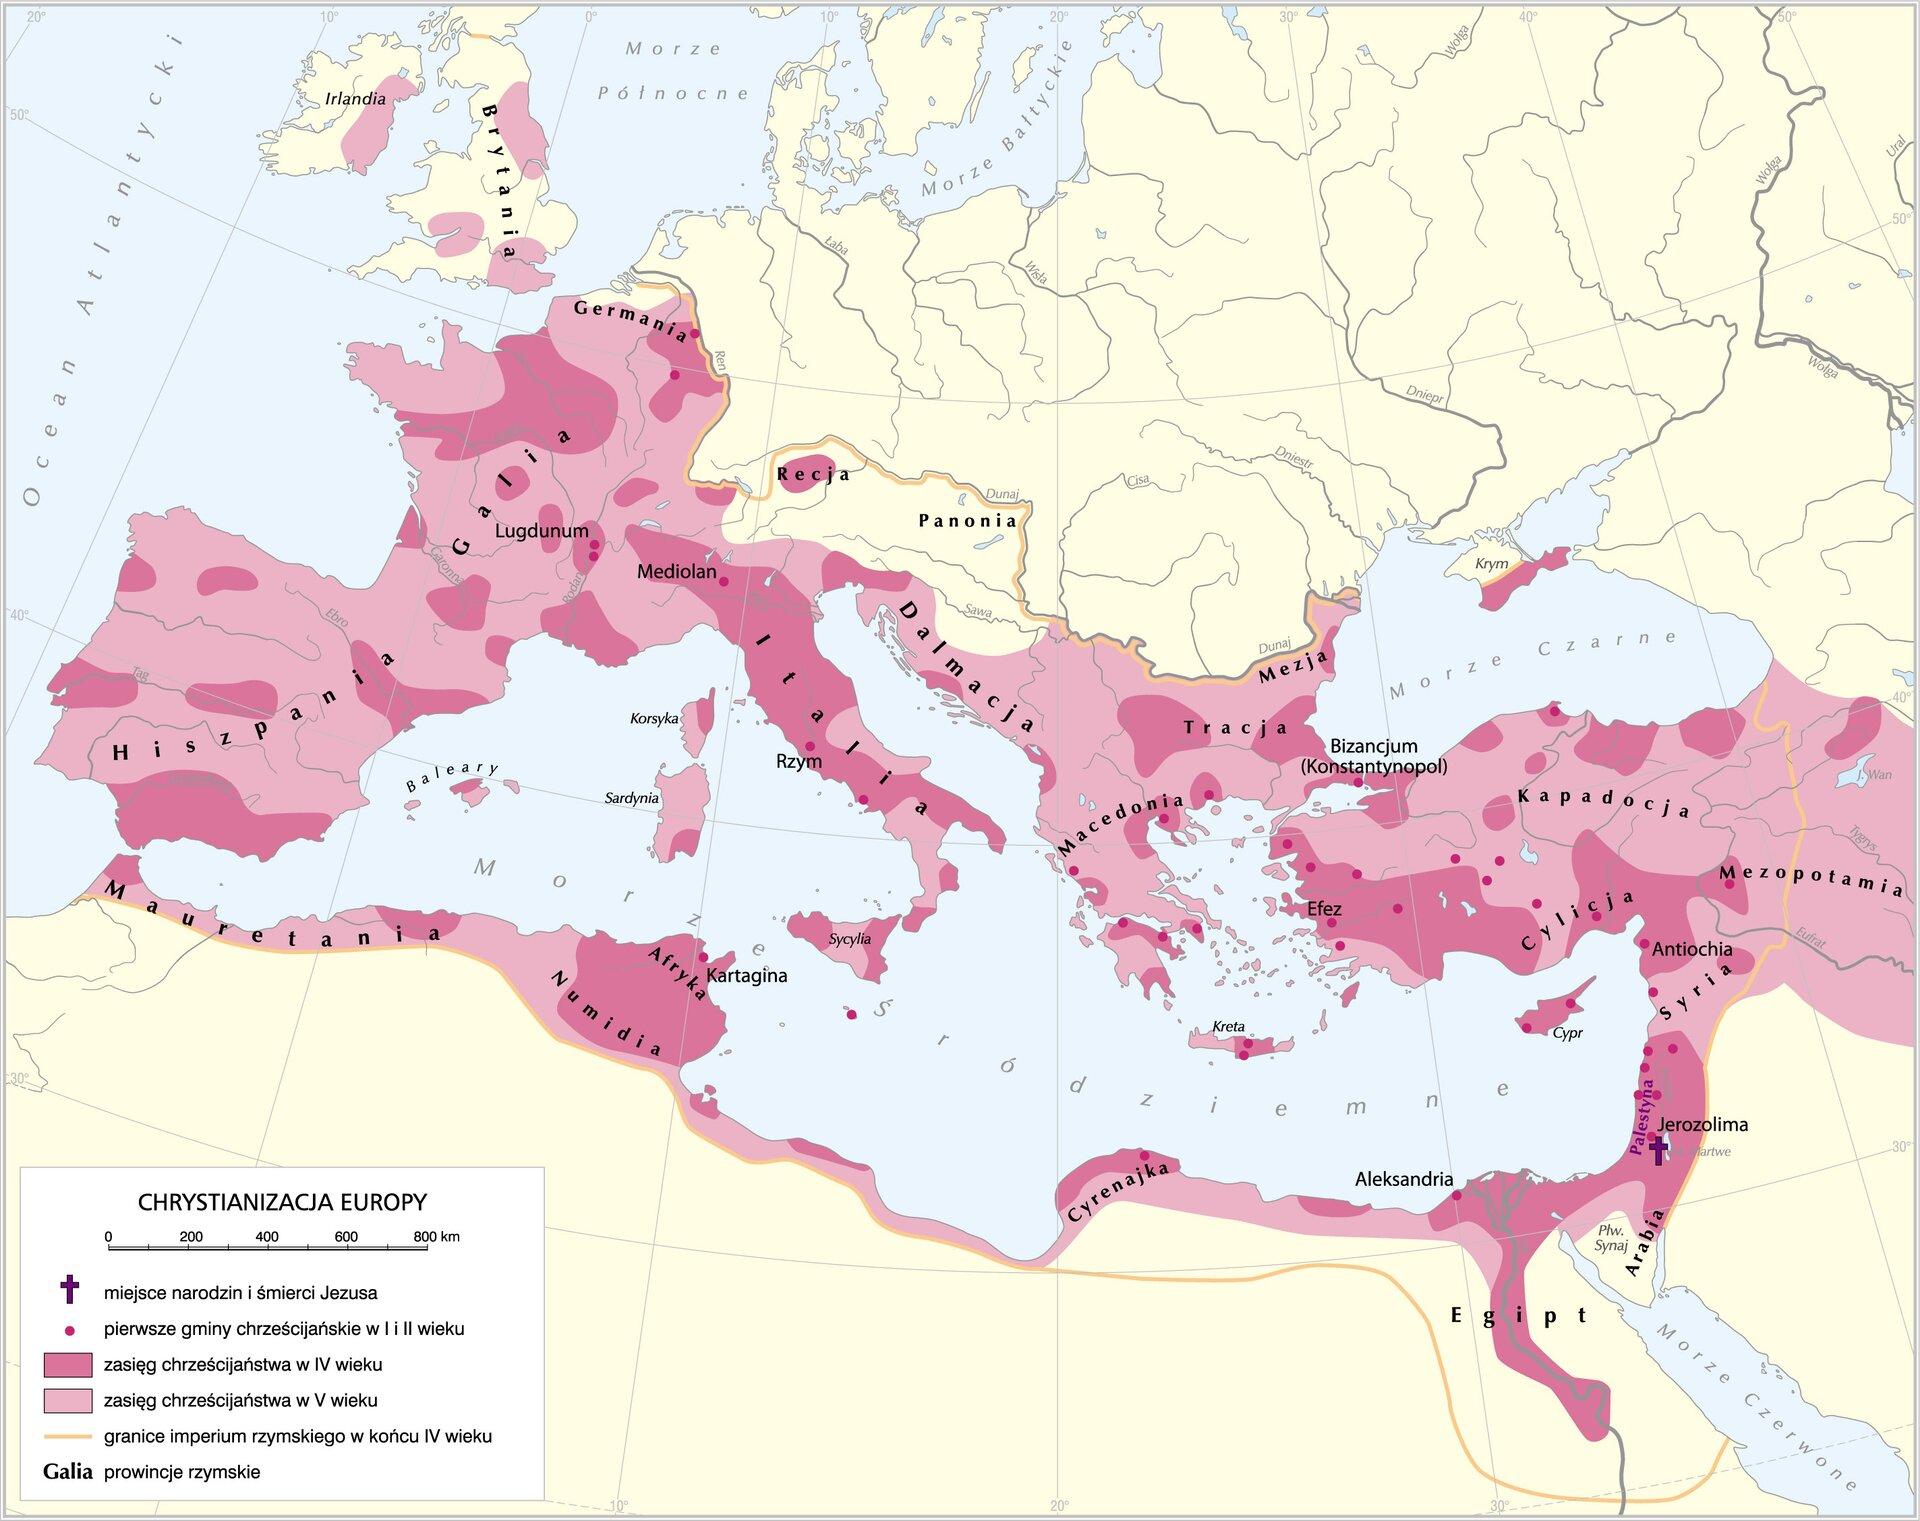 Chrystianizacja Europy Chrystianizacja Europy Źródło: Krystian Chariza izespół.